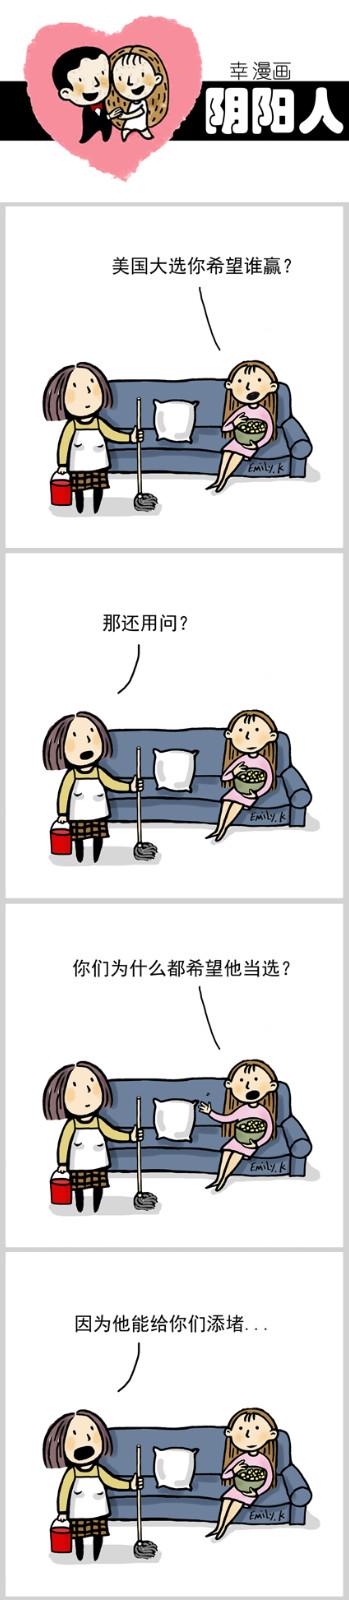 【邝幸漫畫】《阴阳人》有私仇?_图1-1